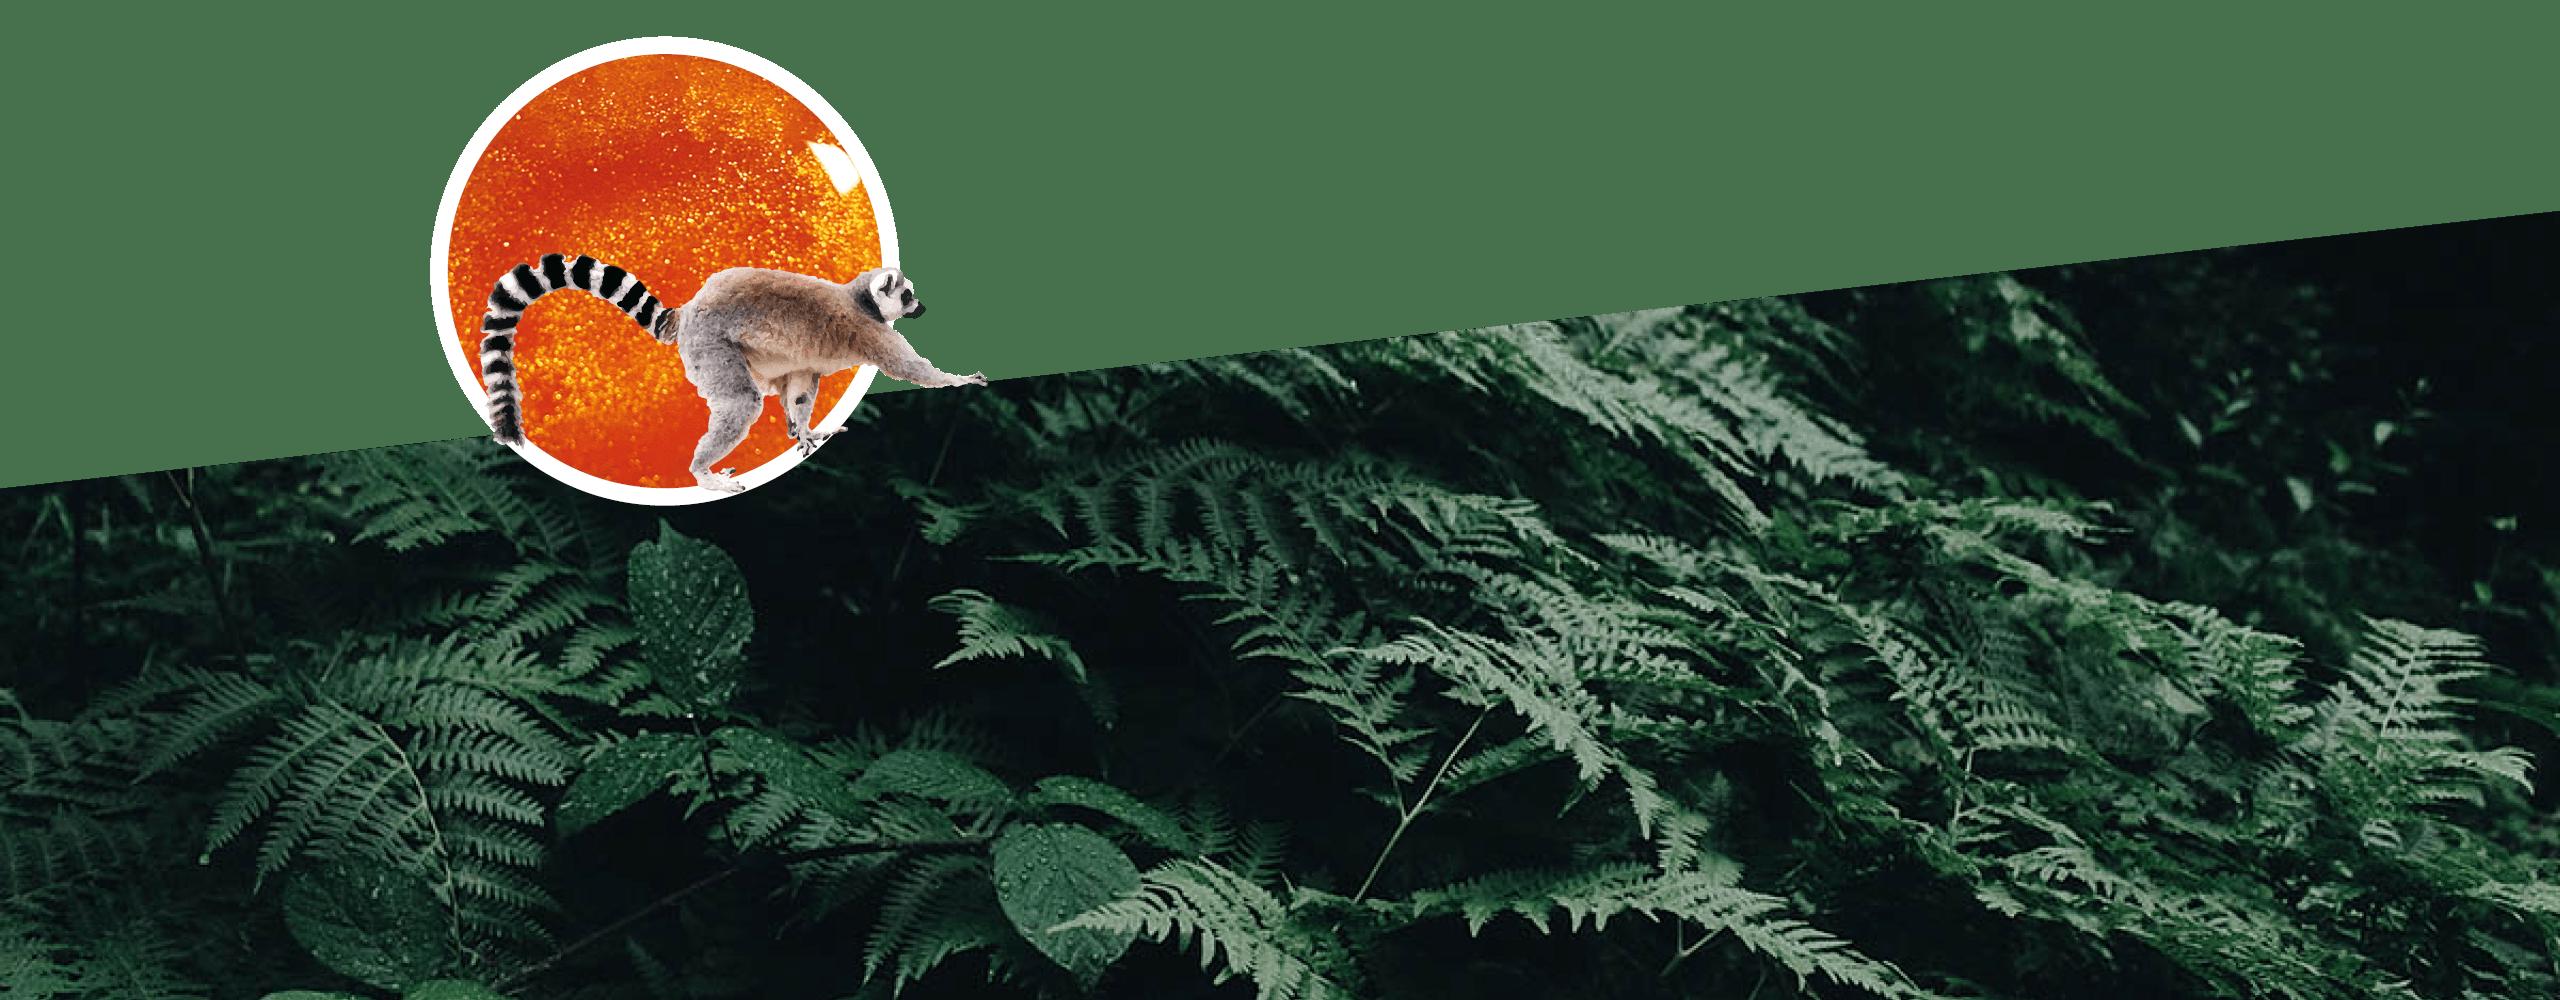 """Un lémurien """"escaladant"""" des fougères dans une construction graphique."""